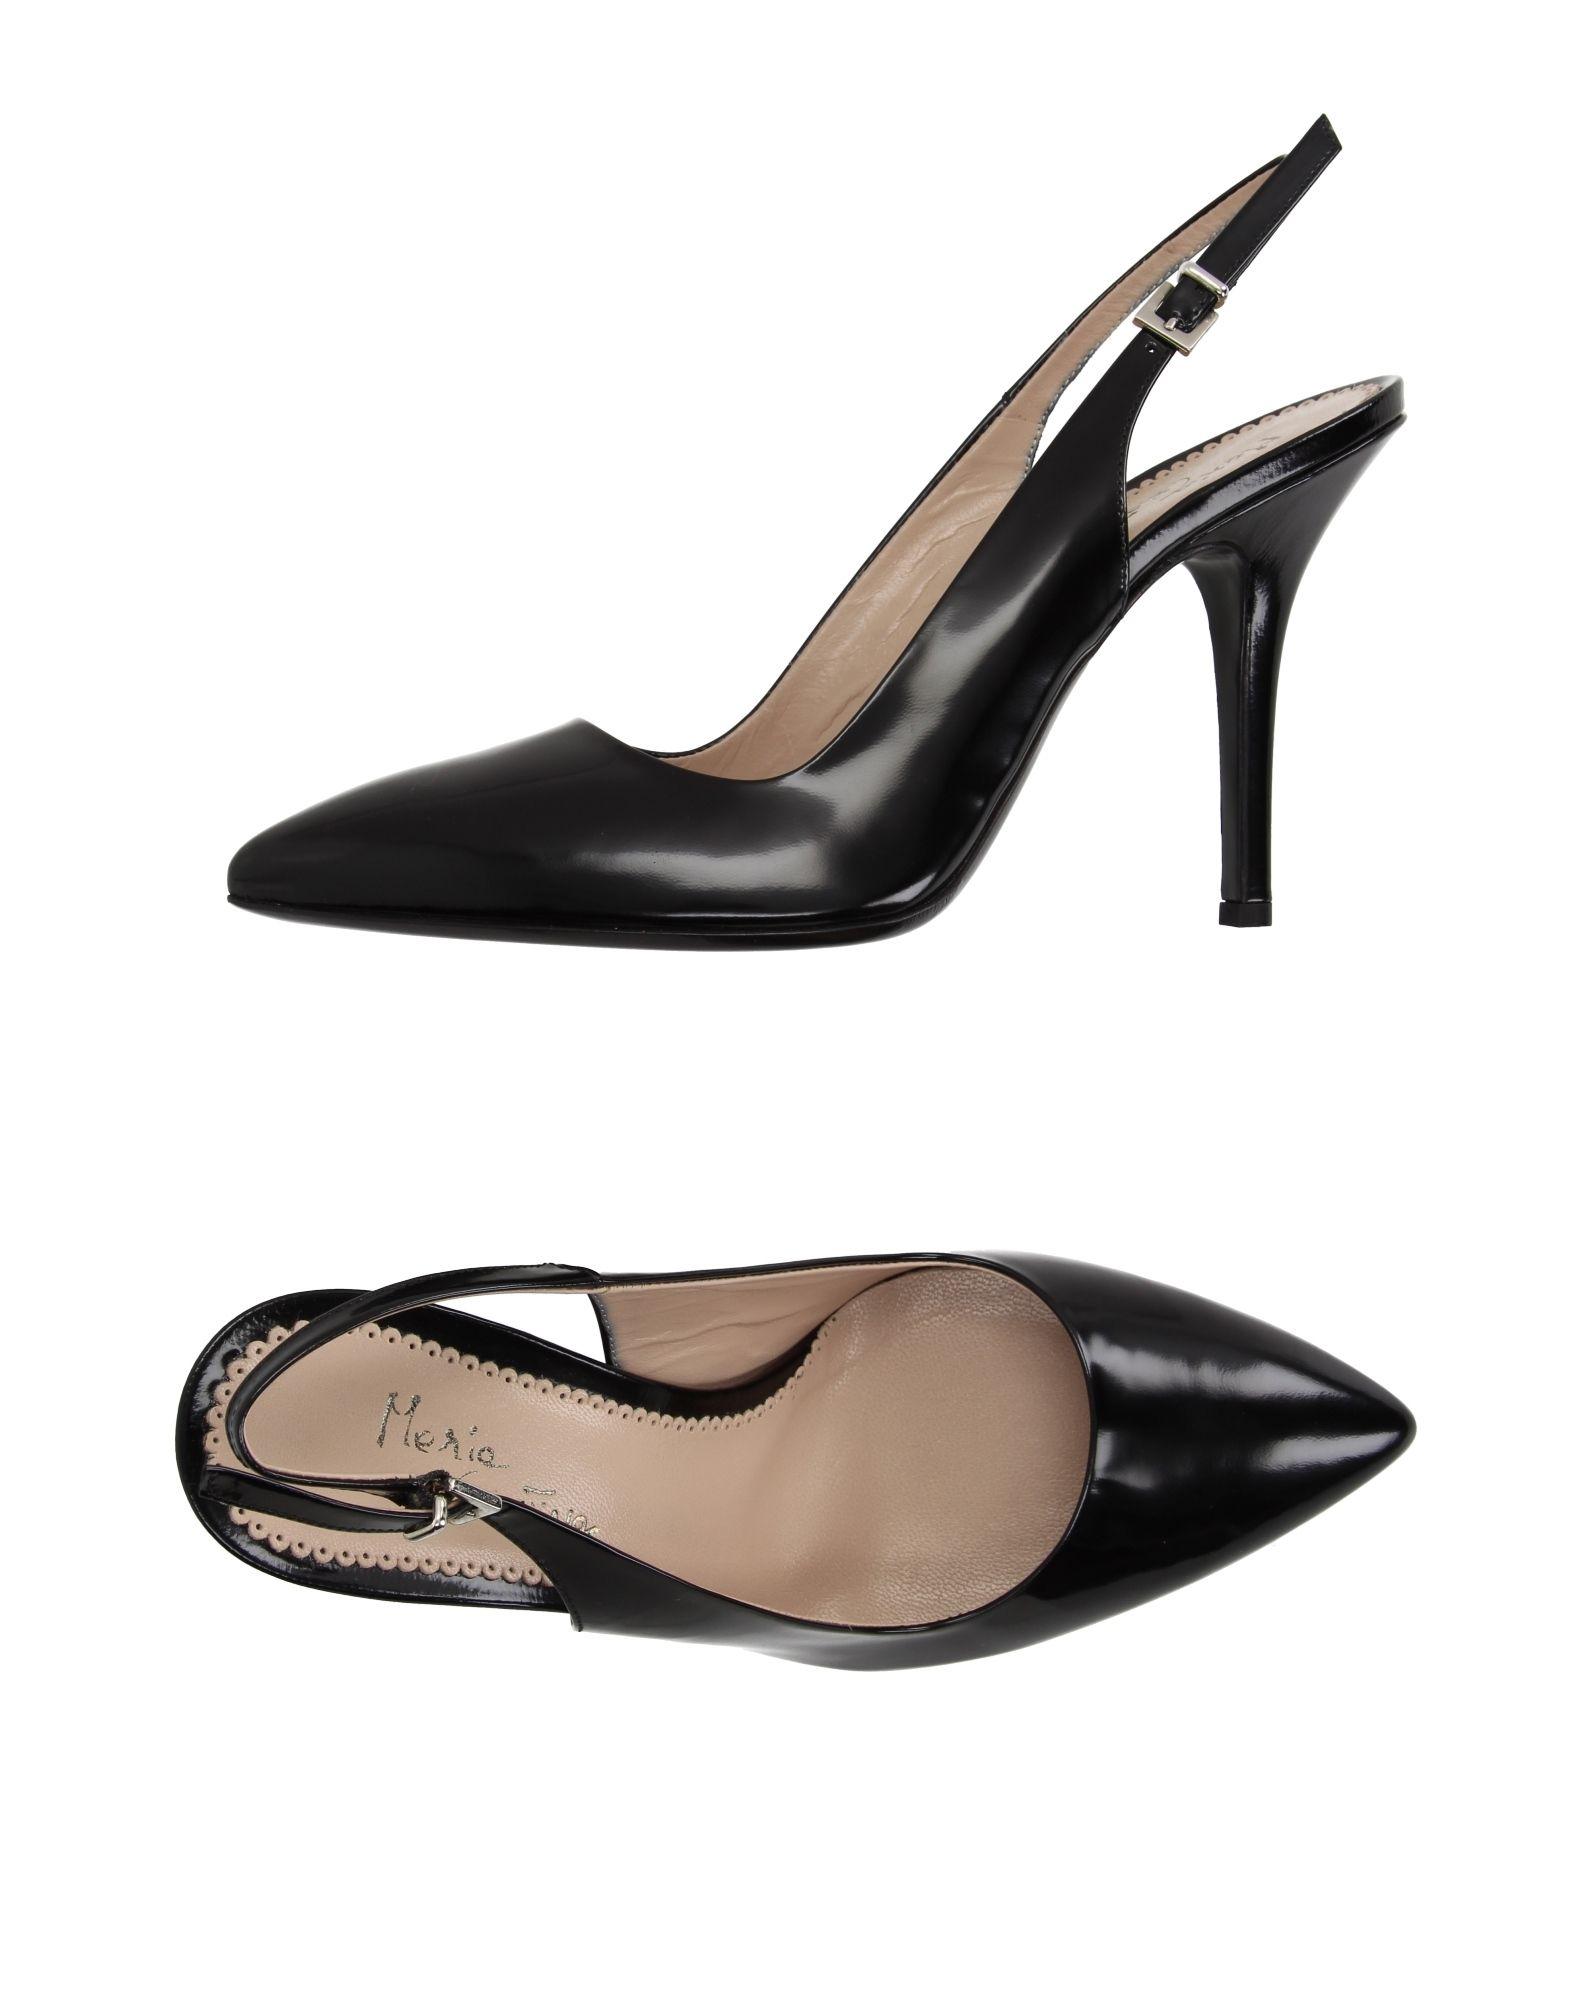 069b5328b63db9 Gut um Cristina billige Schuhe zu tragenMaria Cristina um Pumps Damen  11191732NS 244e49